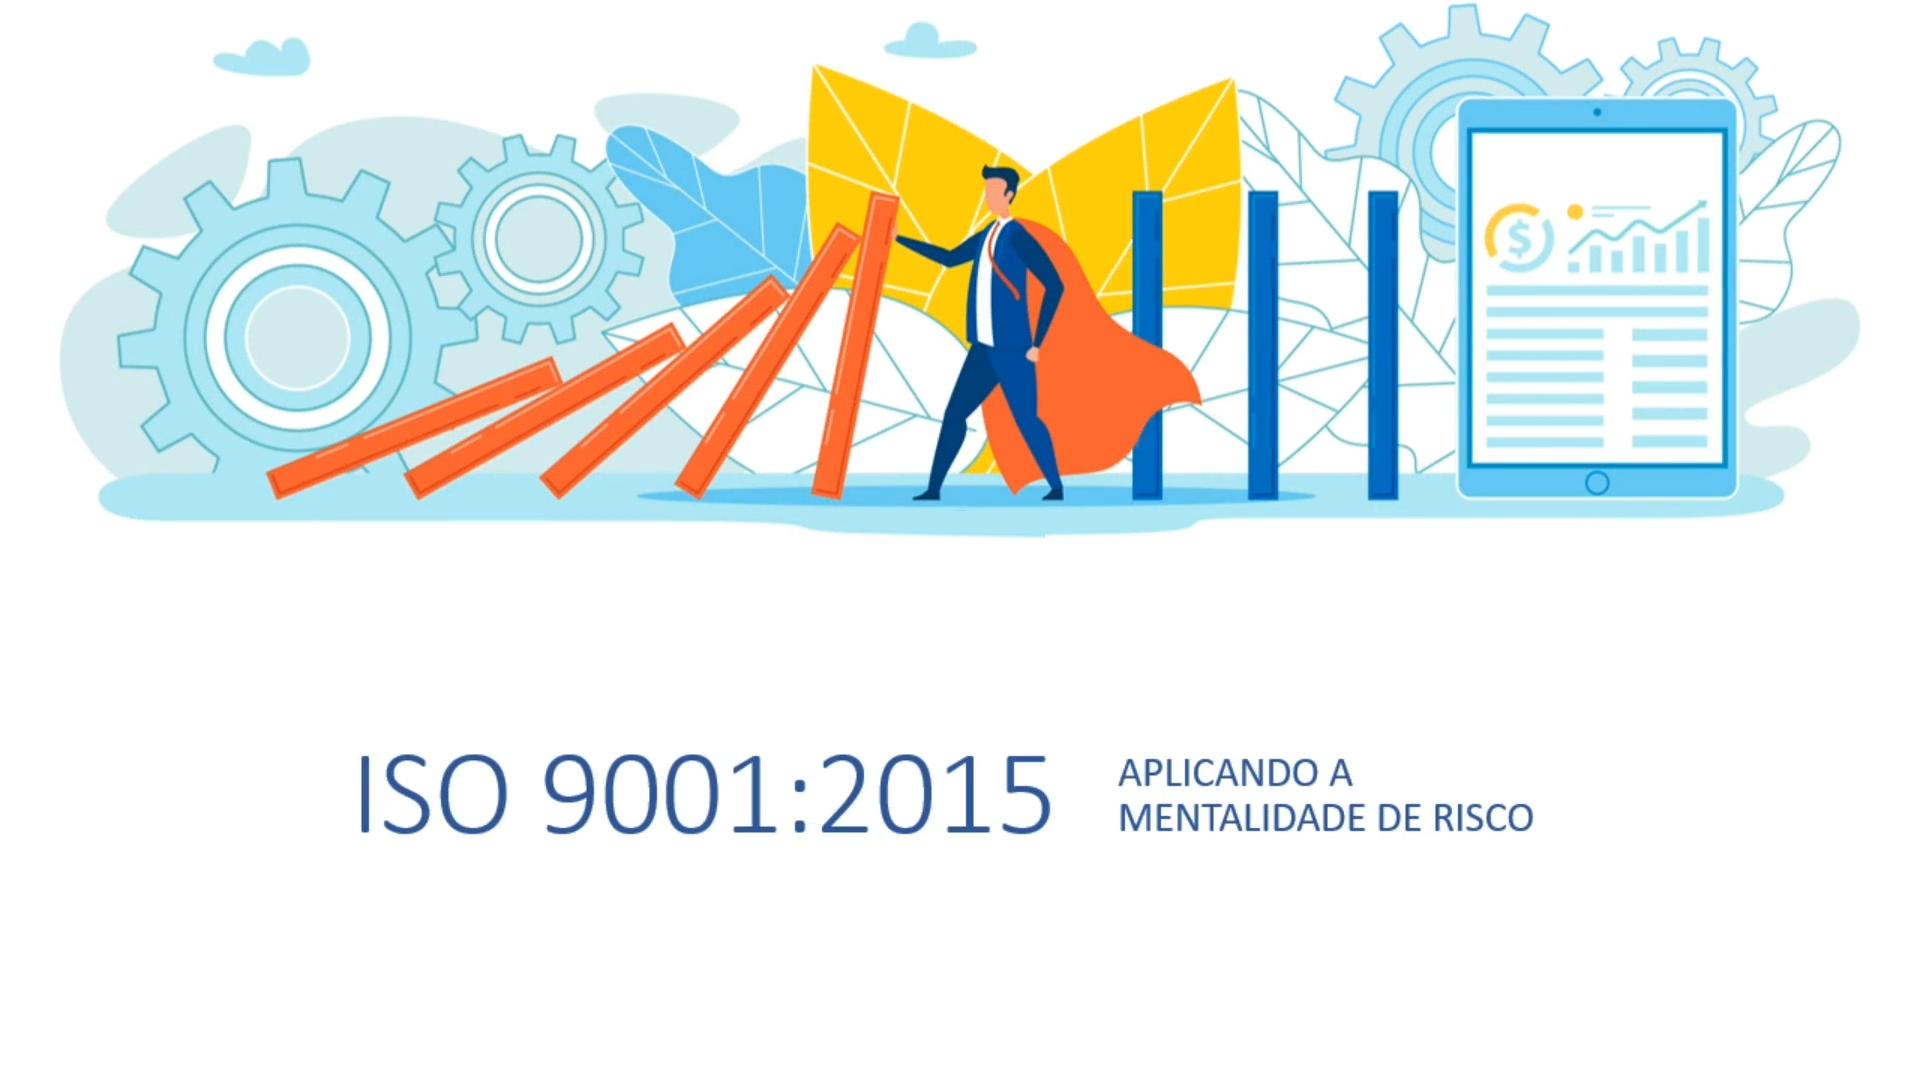 ISO 9001: Aplicando a Mentalidade de Risco